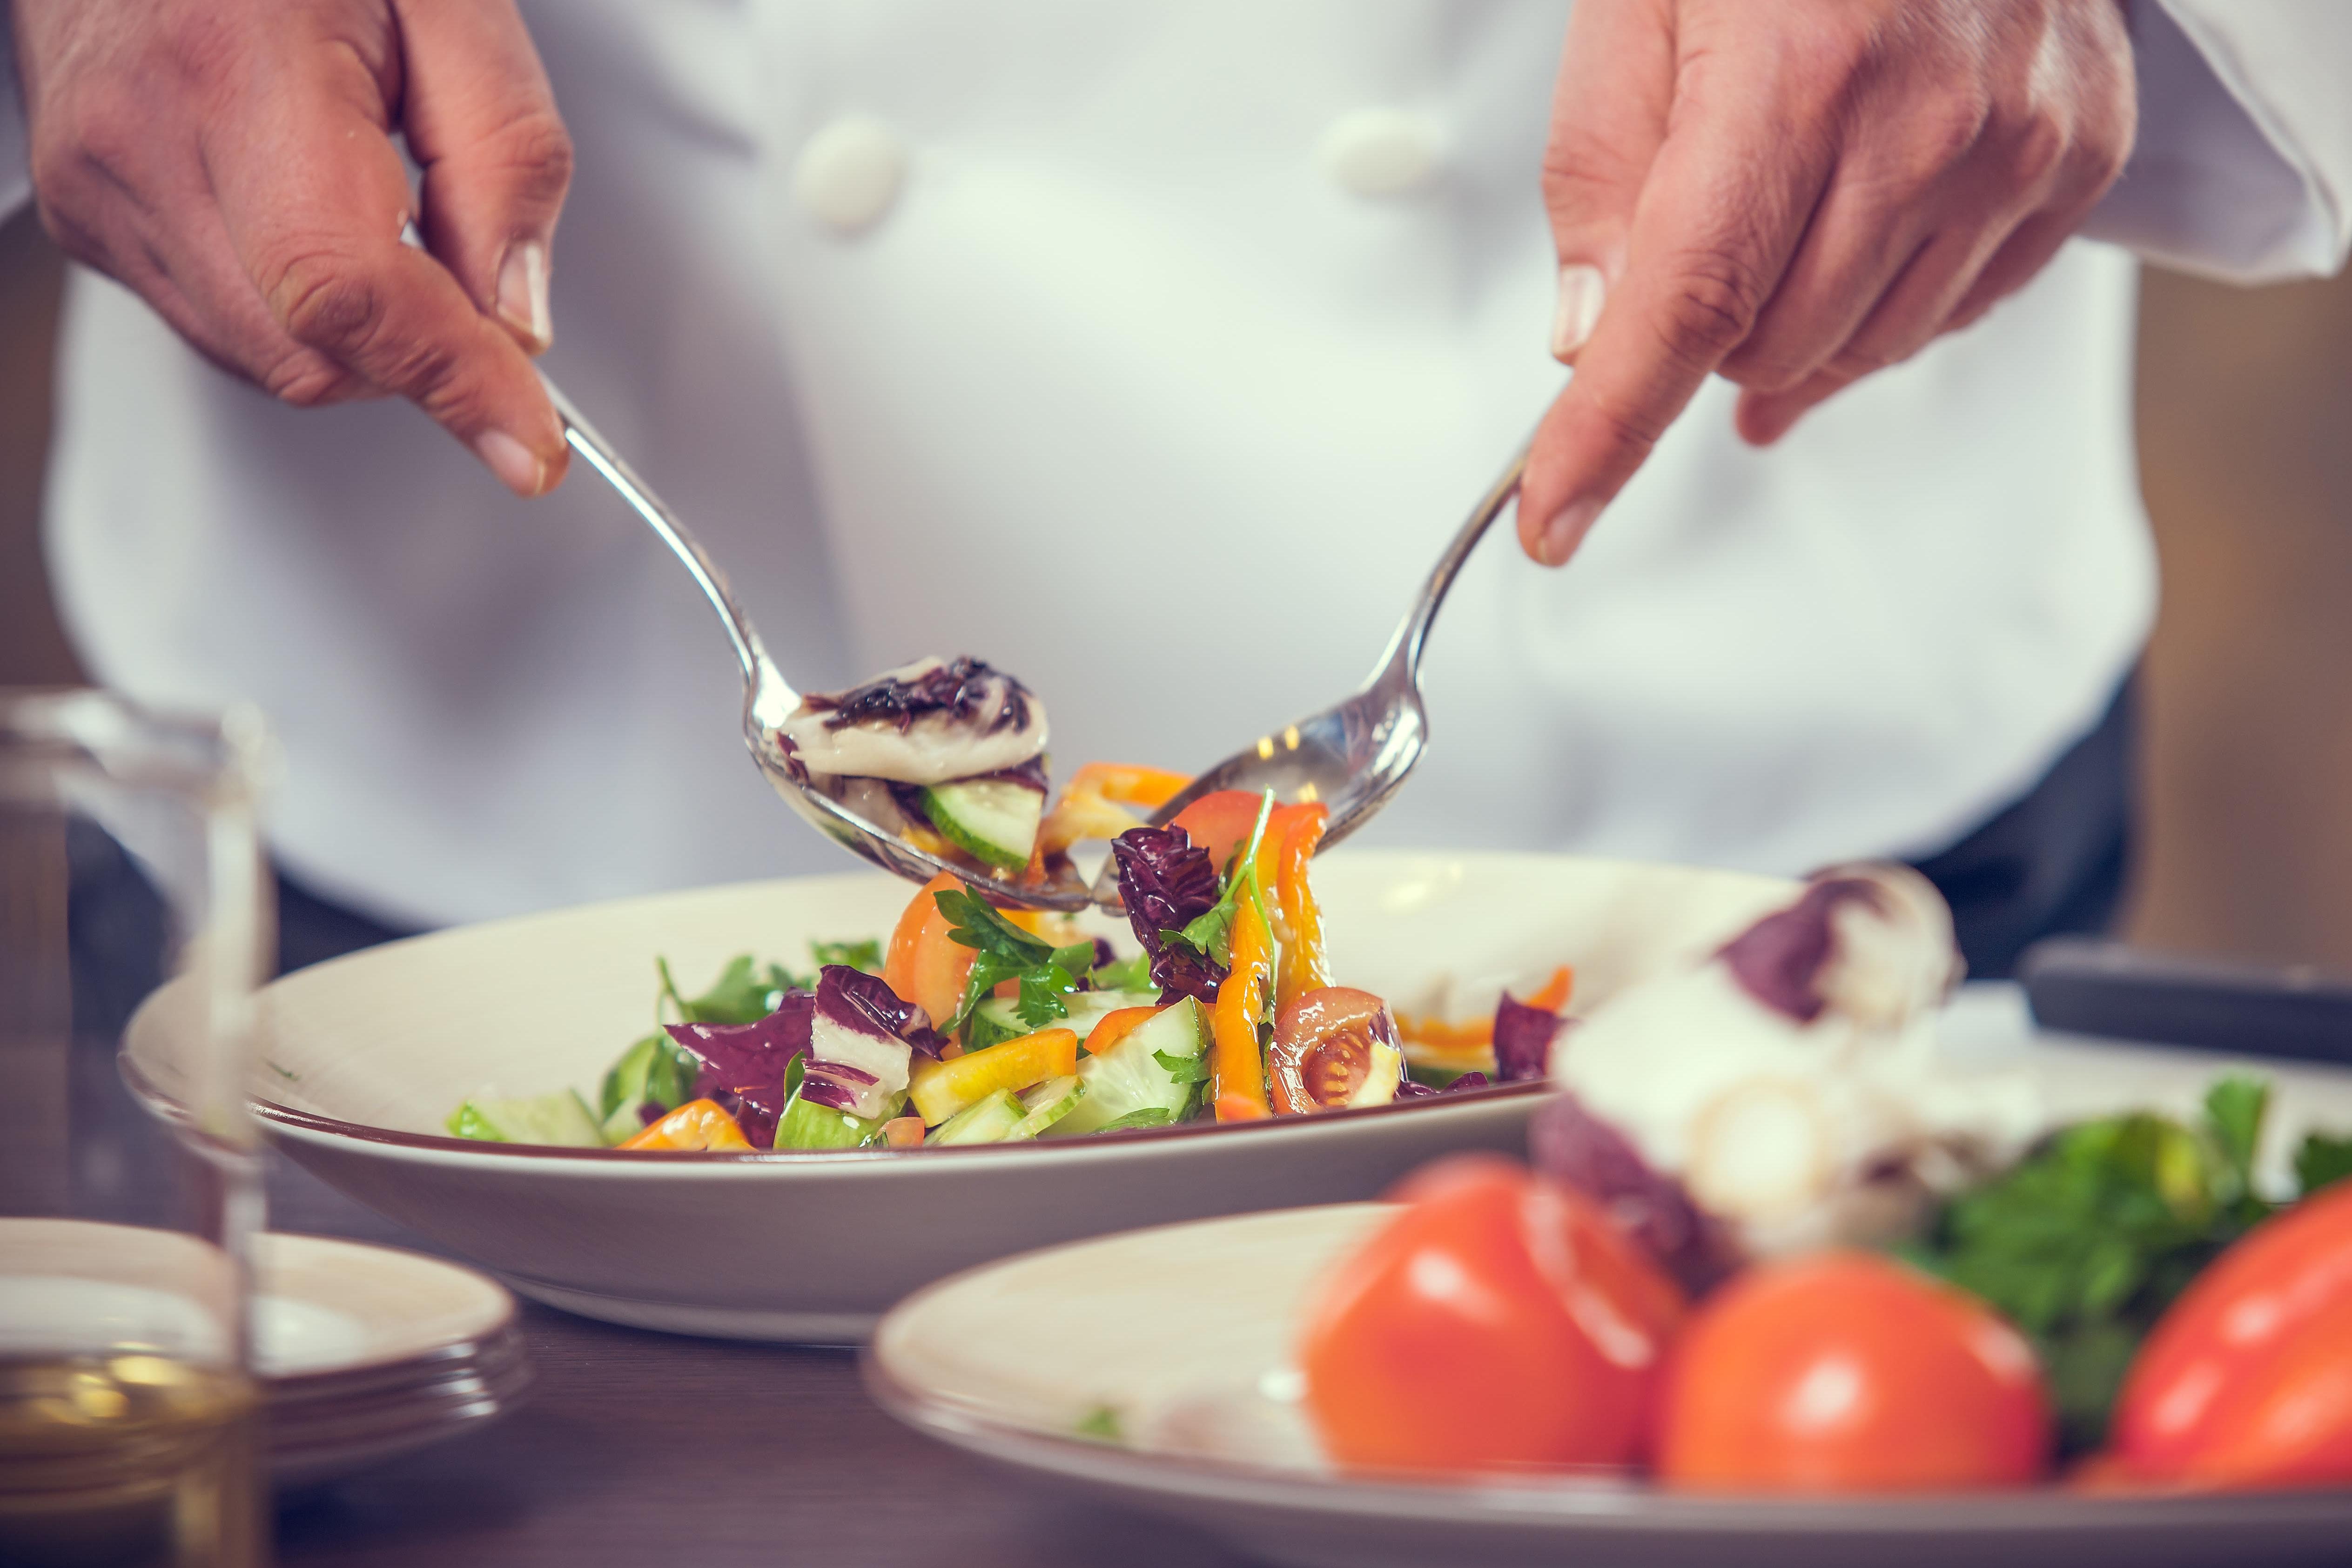 Chef making a salad at Estancia Del Sol in Corona, California